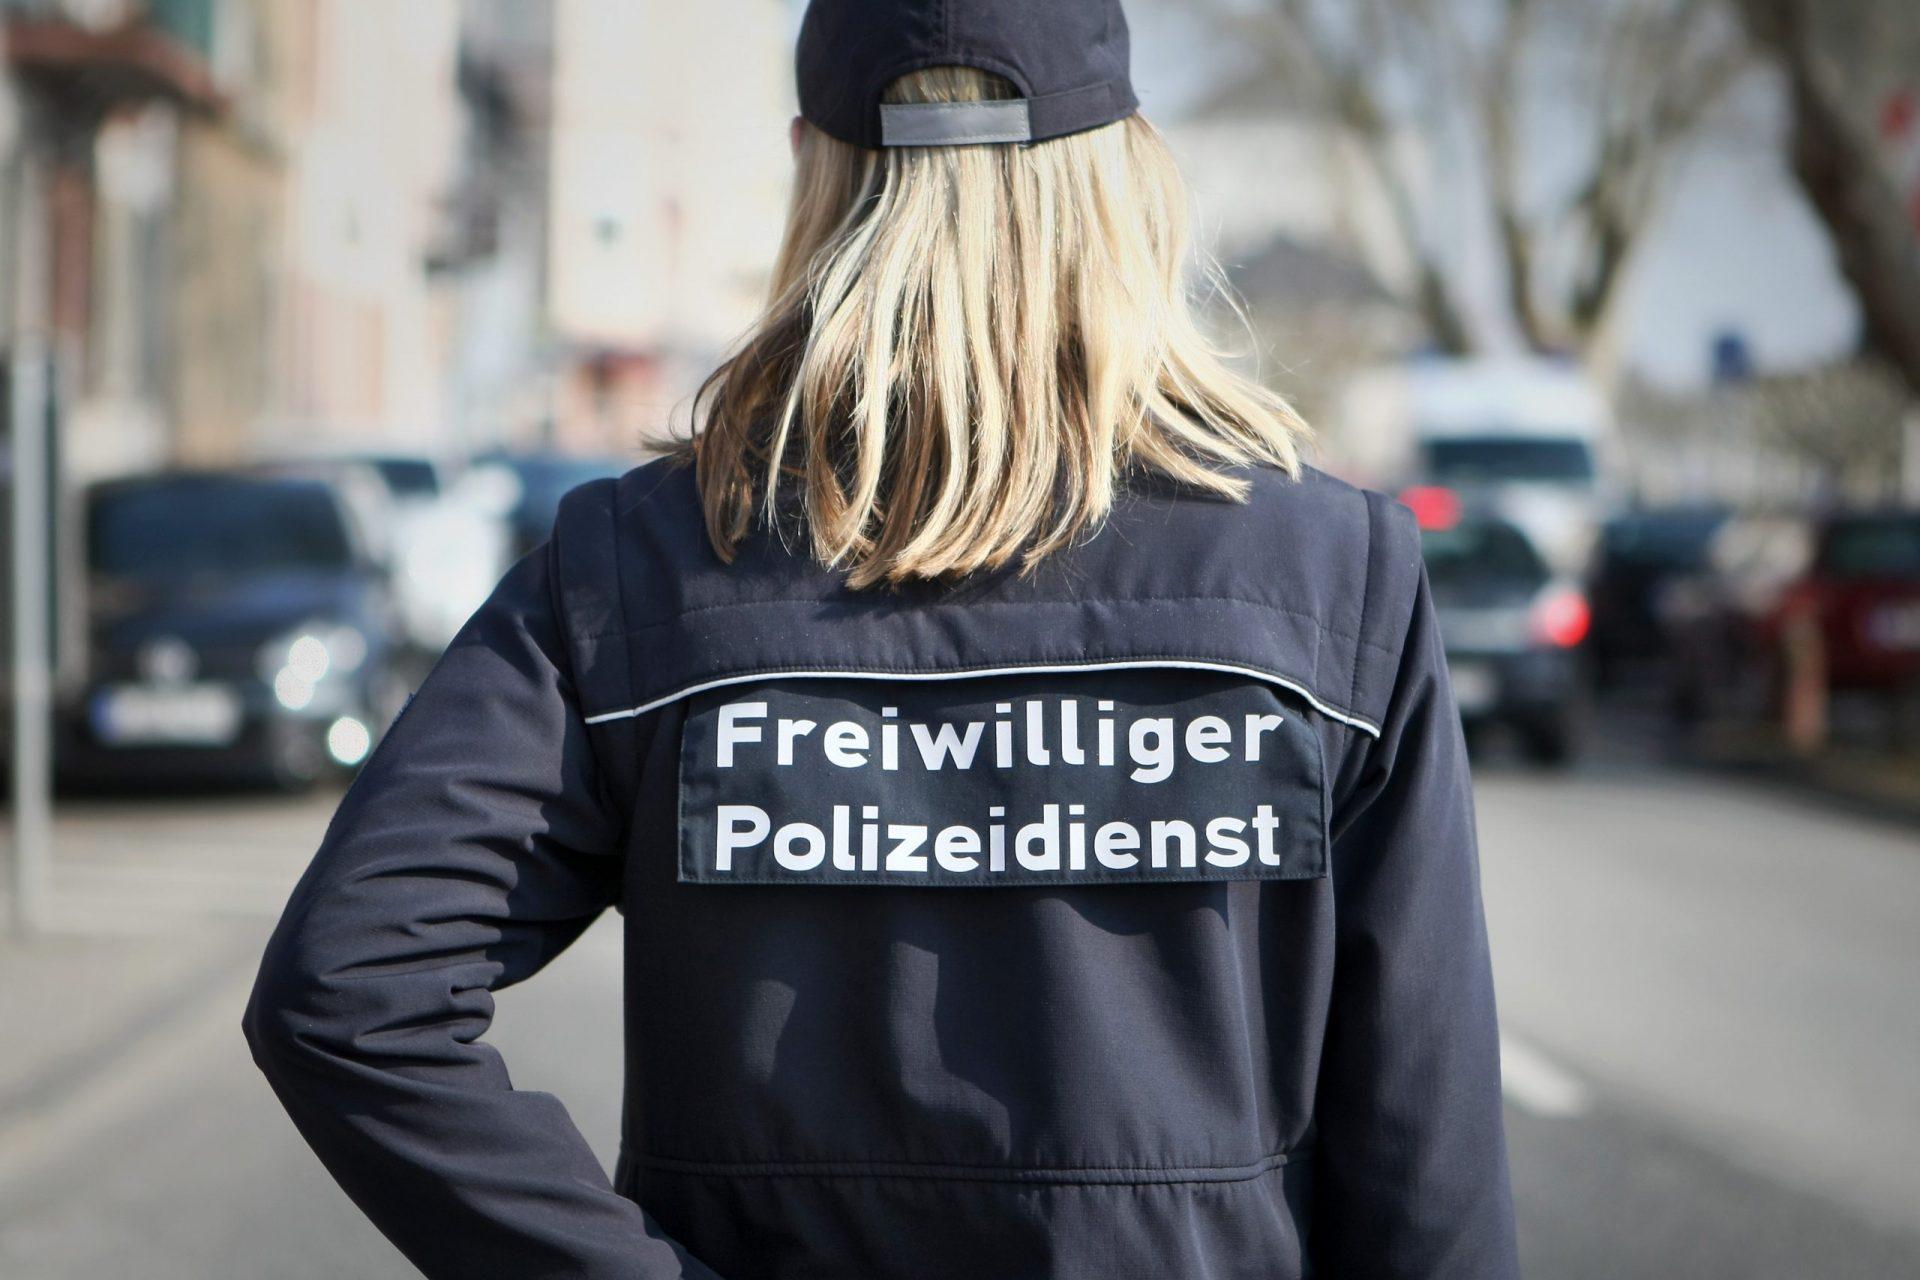 """Eine Frau mit dem Aufdruck auf der Jacke """"Freiwilliger Polizeidienst"""""""